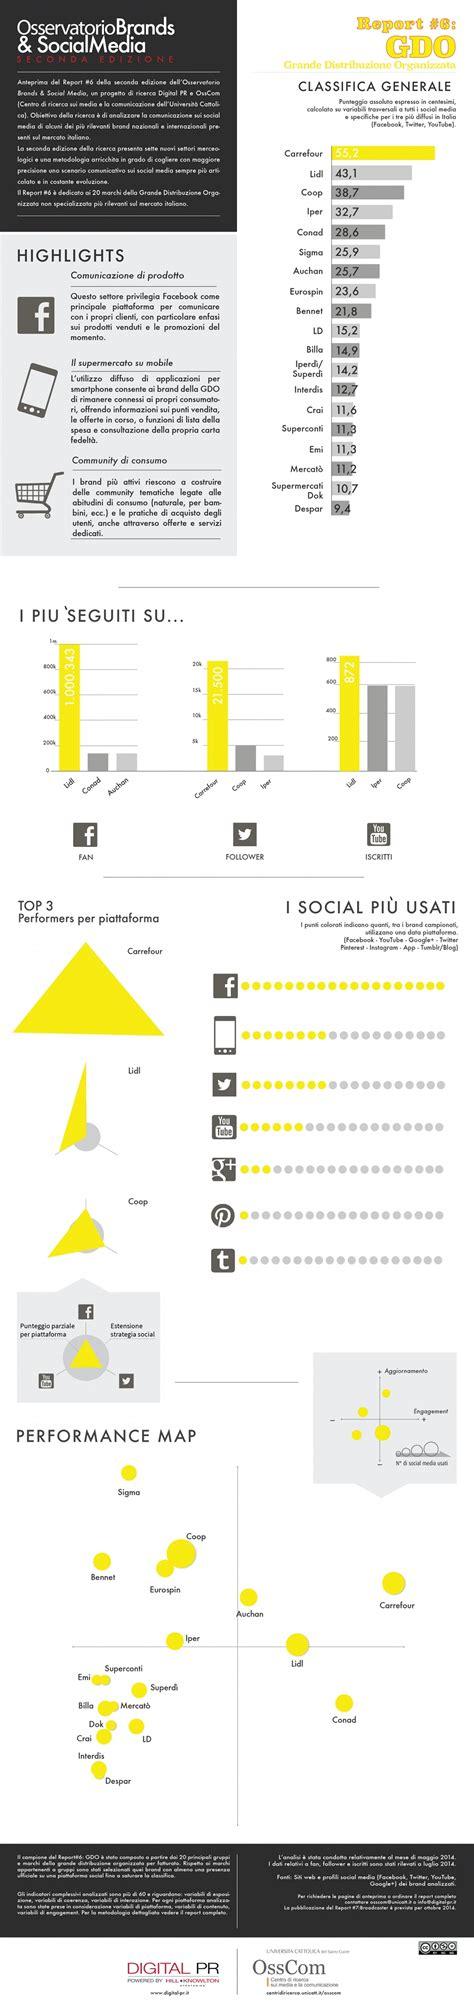 si鑒e social lidl la gdo e il social networking ricerca infografica alessandra colucci consulente in brand care strategic planning brand